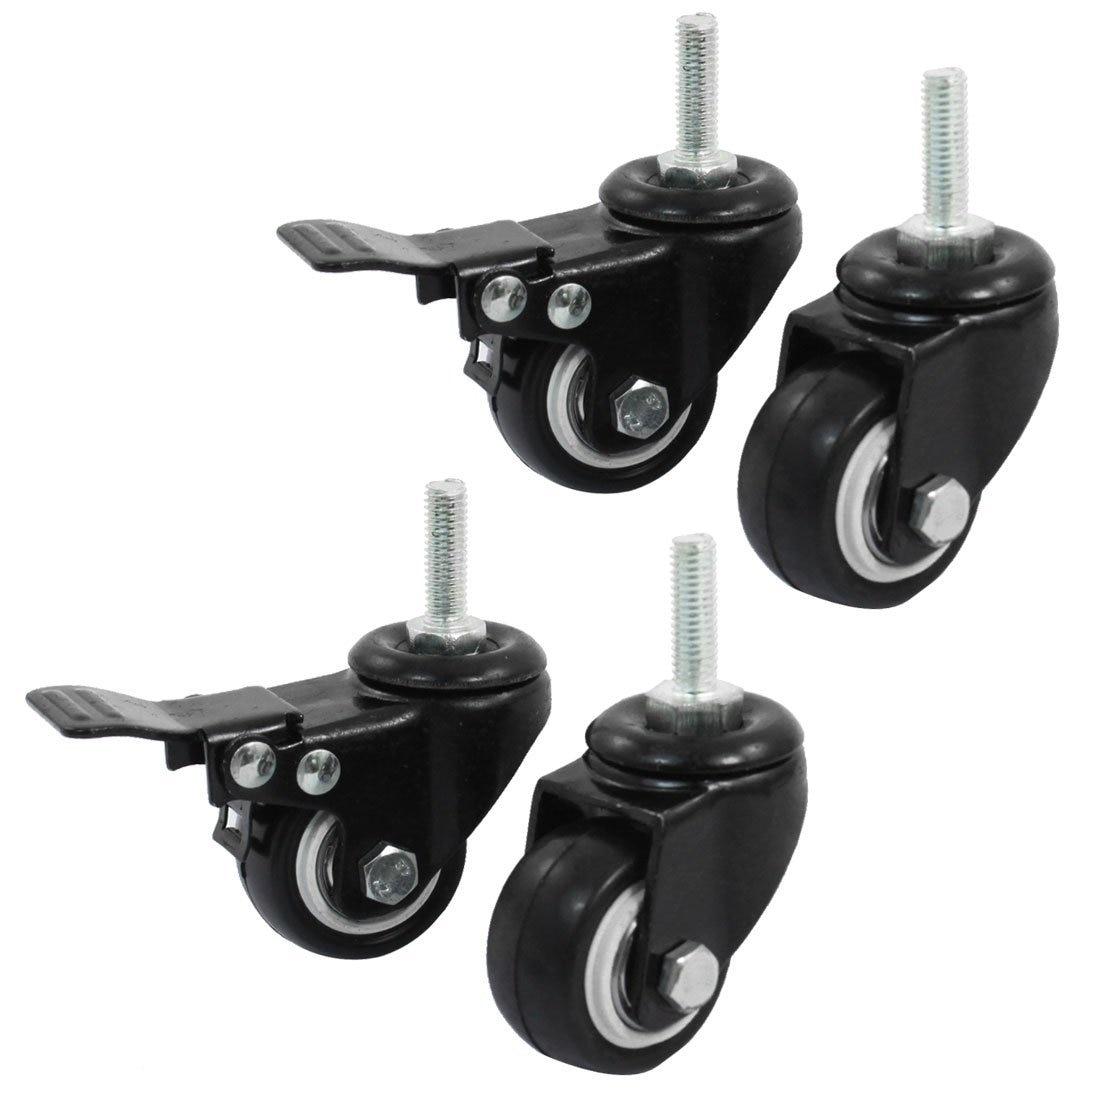 4 teile/los Doppel Kugellager 360 Drehbare Einkaufen Rad Trolley Bremse Swivel Caster M8 1,5-Zoll Schwarz Polyurethan Metall